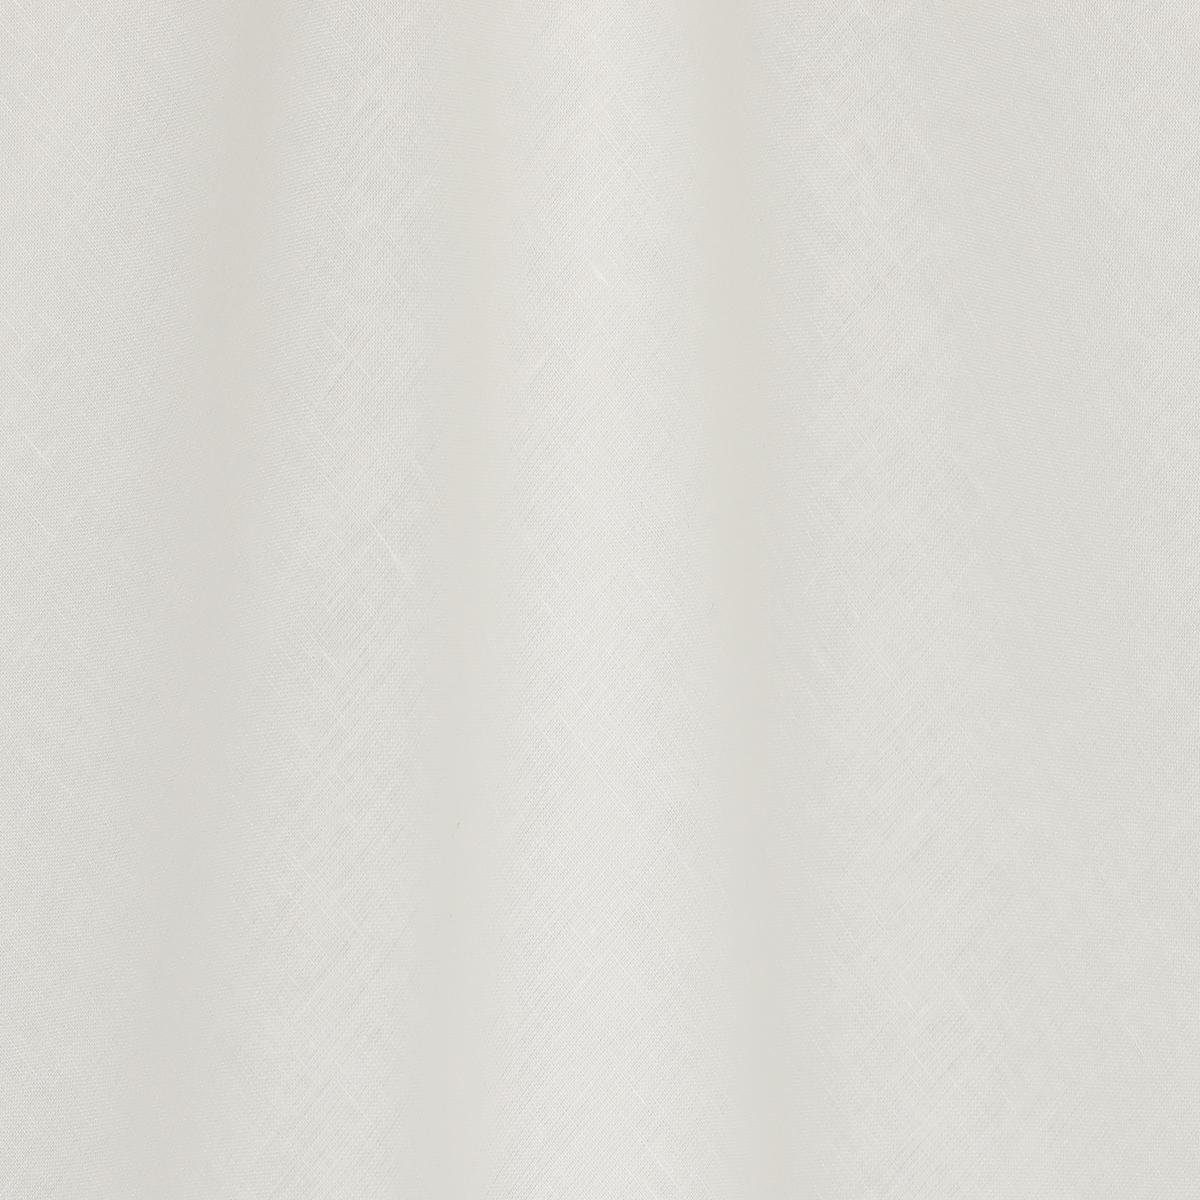 Льняное разреженное полотно молочного цвета